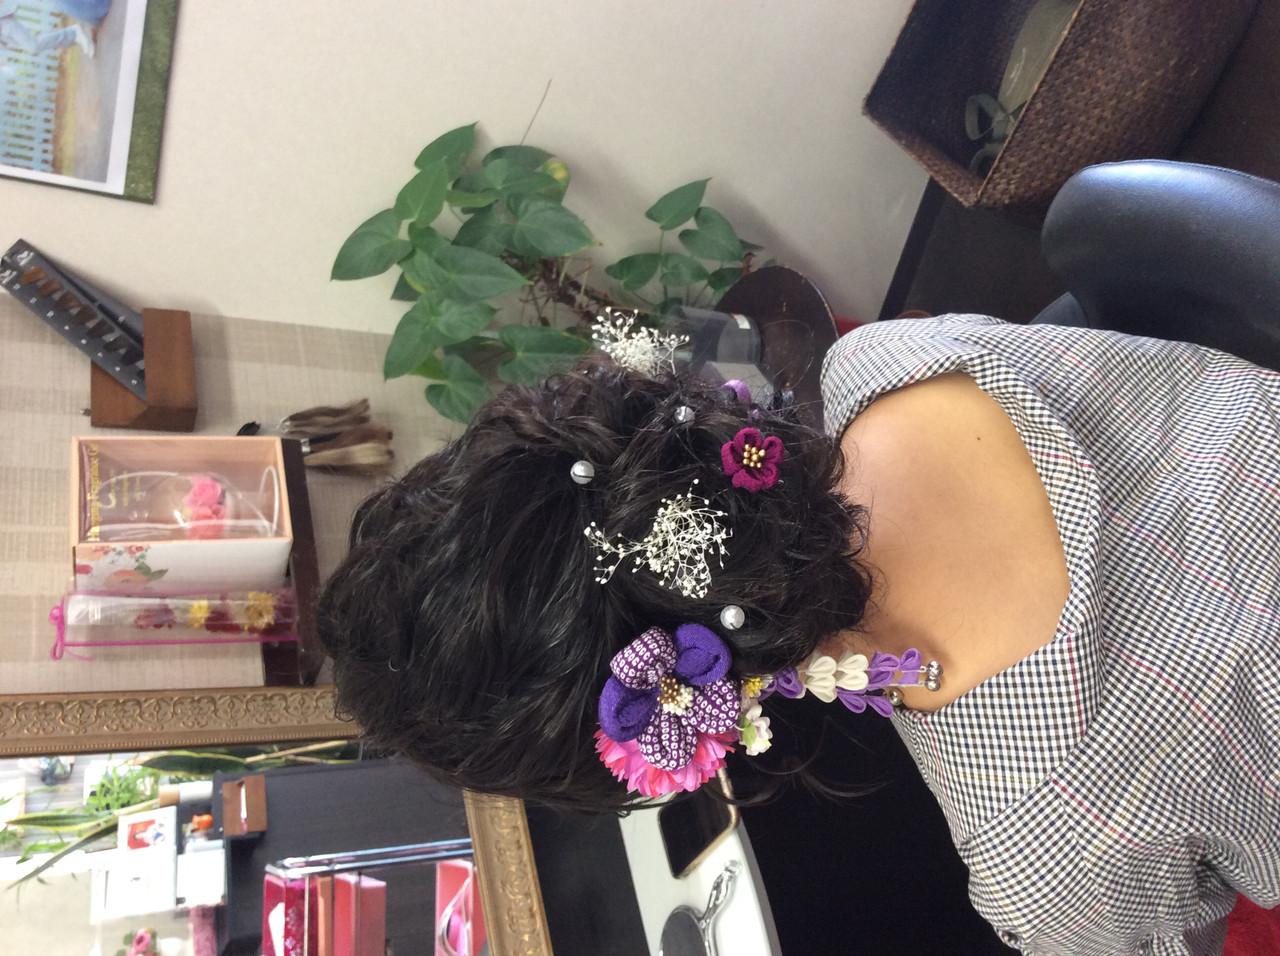 着物 成人式ヘア 成人式 成人式ヘアメイク着付け ヘアスタイルや髪型の写真・画像 | rumiLINKS美容室 / リンクス美容室